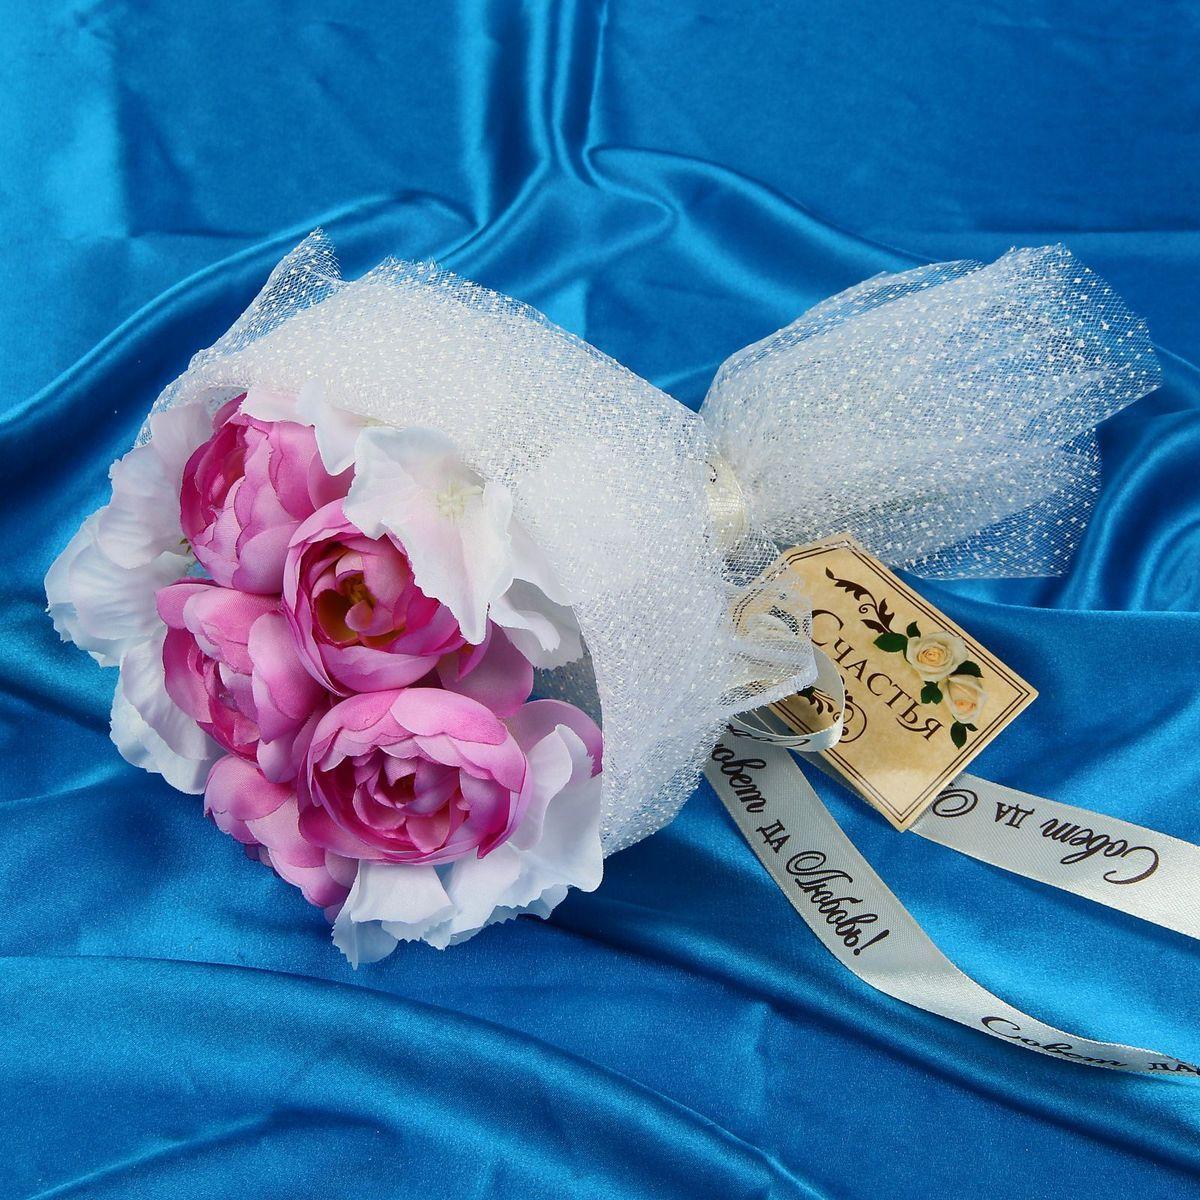 Букет-дублер Sima-land Прованс, цвет: белый, розовыйMB860Свадьба — одно из главных событий в жизни человека. В такой день всё должно быть безупречно, особенно букет невесты. Но кидать, по старой традиции, цветочную композицию подругам не всегда удобно, и на помощь приходит букет-дублер Прованс чайные розы, гортензии — красивый и яркий аксессуар. Стебли оформлены лентой с надписью Совет да любовь. Букет дополнен шильдом с тёплым пожеланием. После торжества он украсит любой интерьер, ведь нежные цветы из текстиля не завянут и не помнутся.